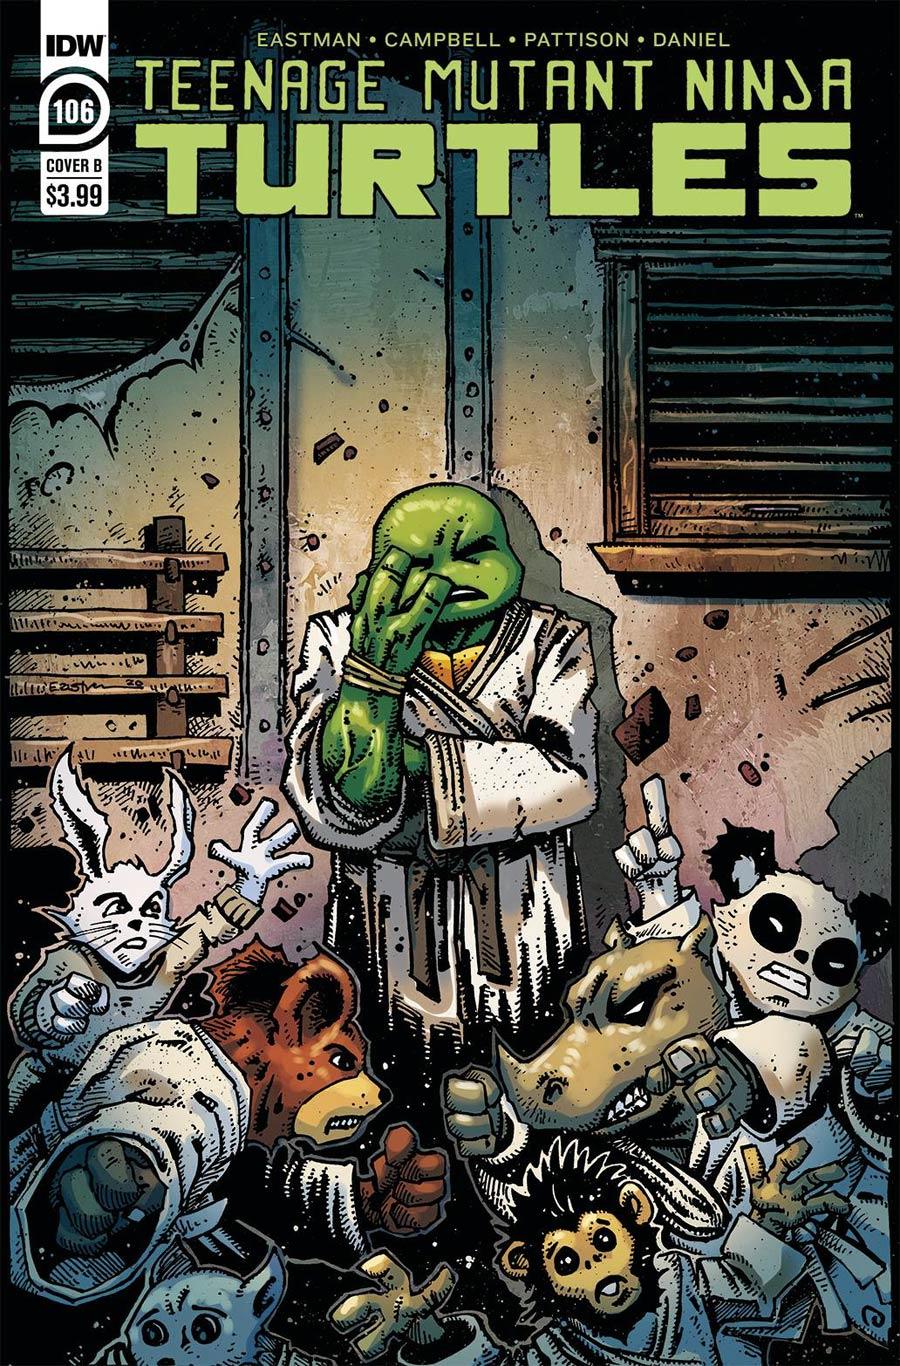 Teenage Mutant Ninja Turtles Vol 5 #106 Cover B Variant Kevin Eastman Cover